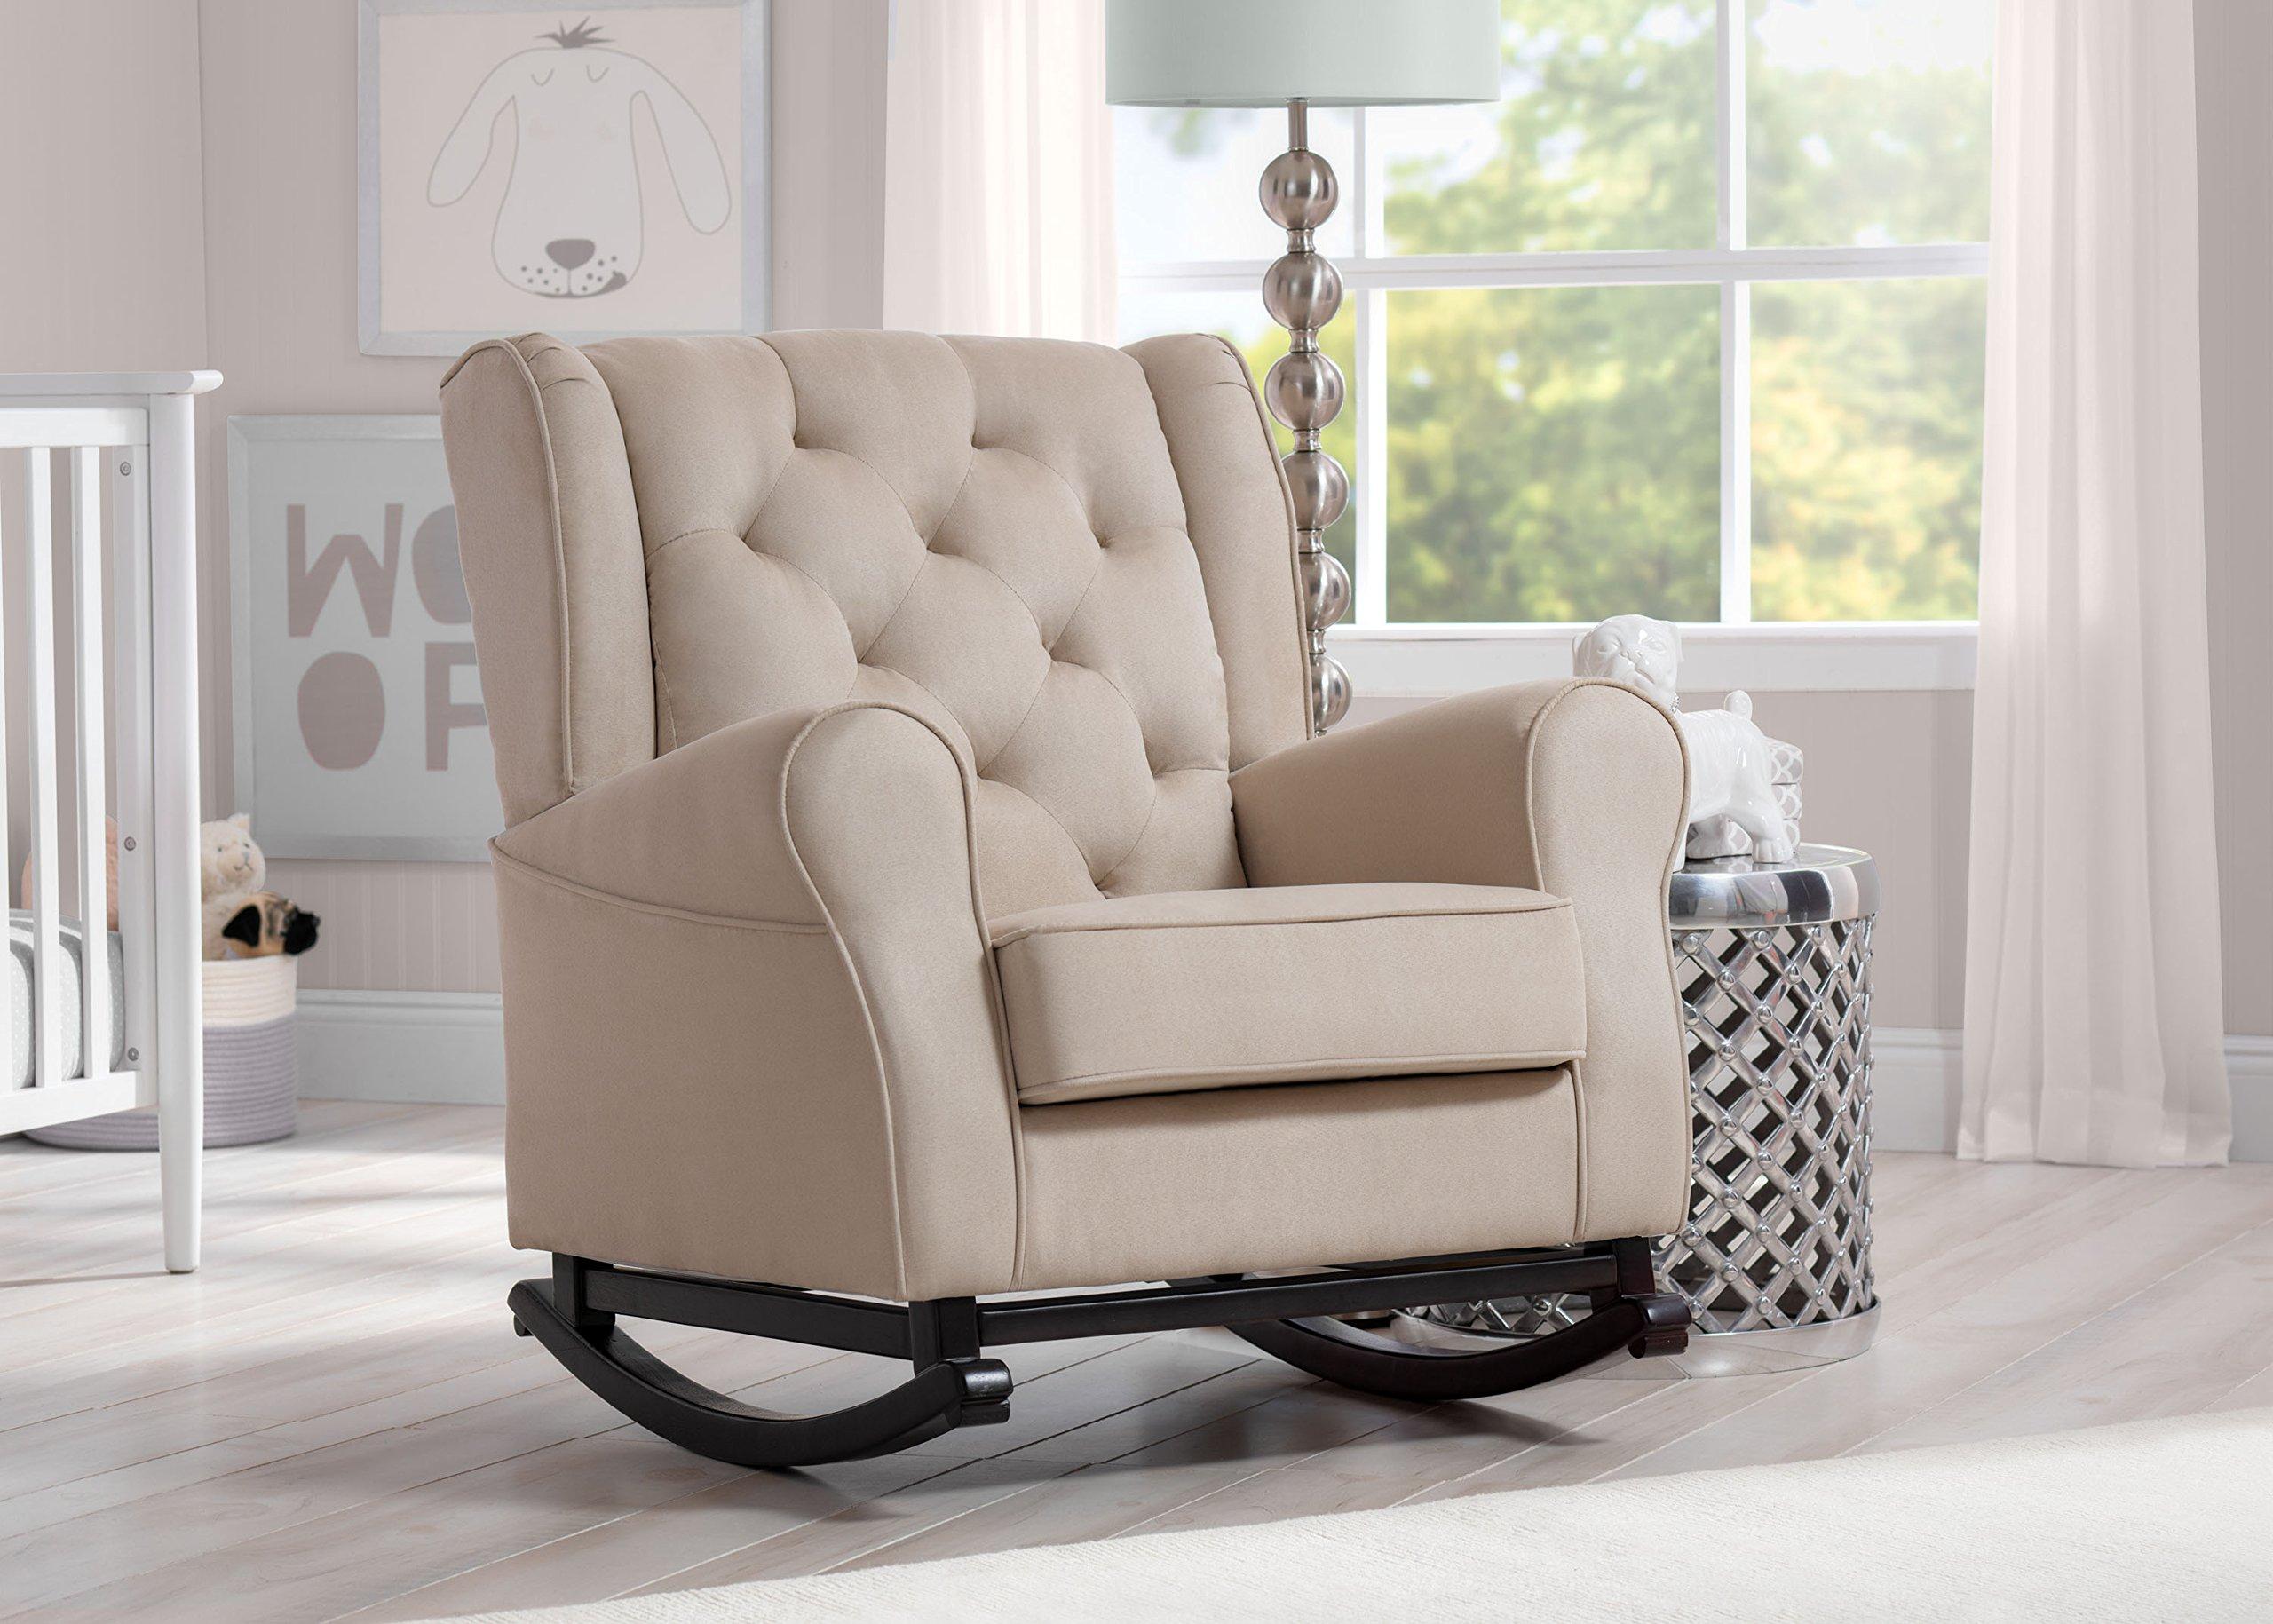 Delta Furniture Emma Upholstered Rocking Chair, Ecru by Delta Furniture (Image #5)